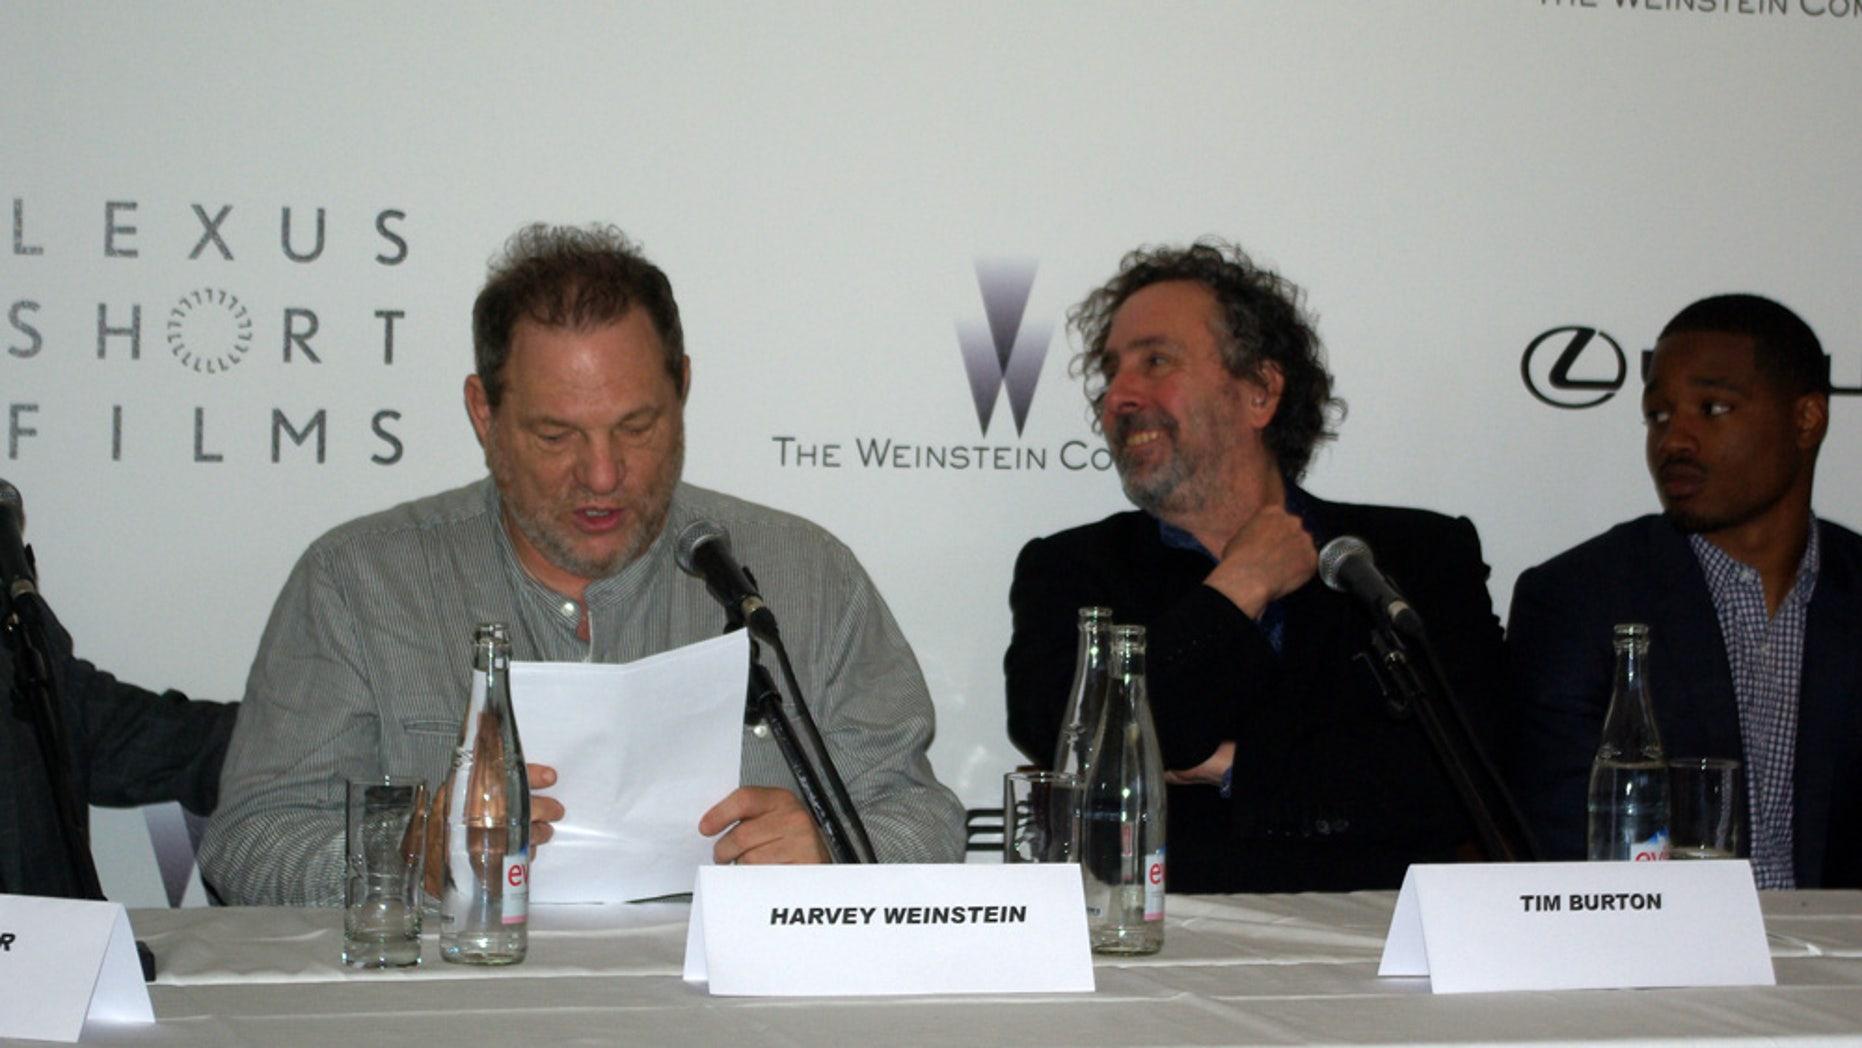 Tim Burton and Harvey Weinstein speak at the Cannes Film Festival.